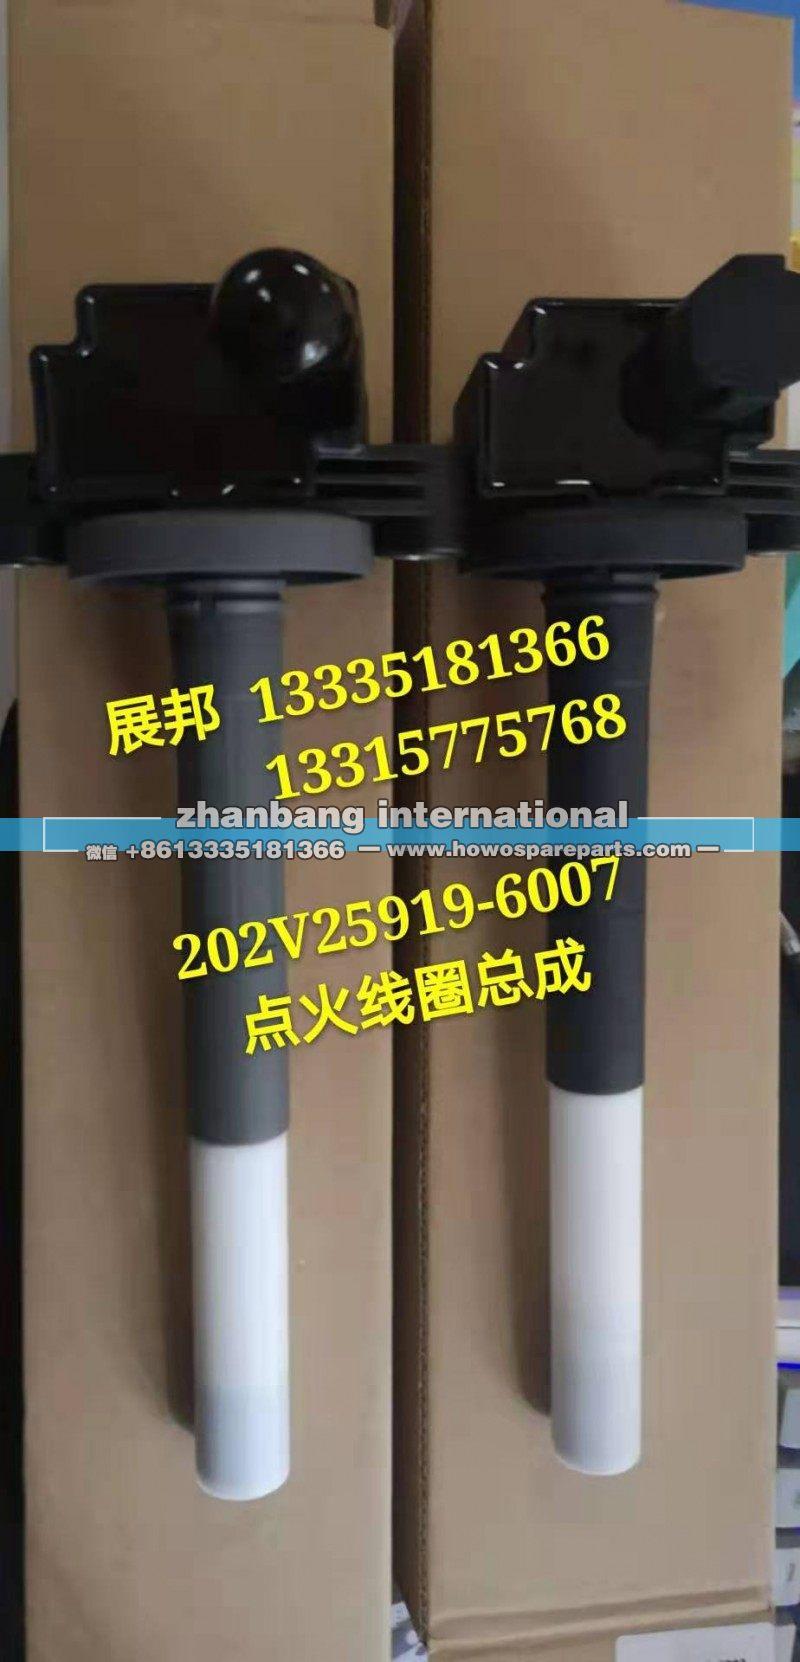 202V25919-6007重汽系列